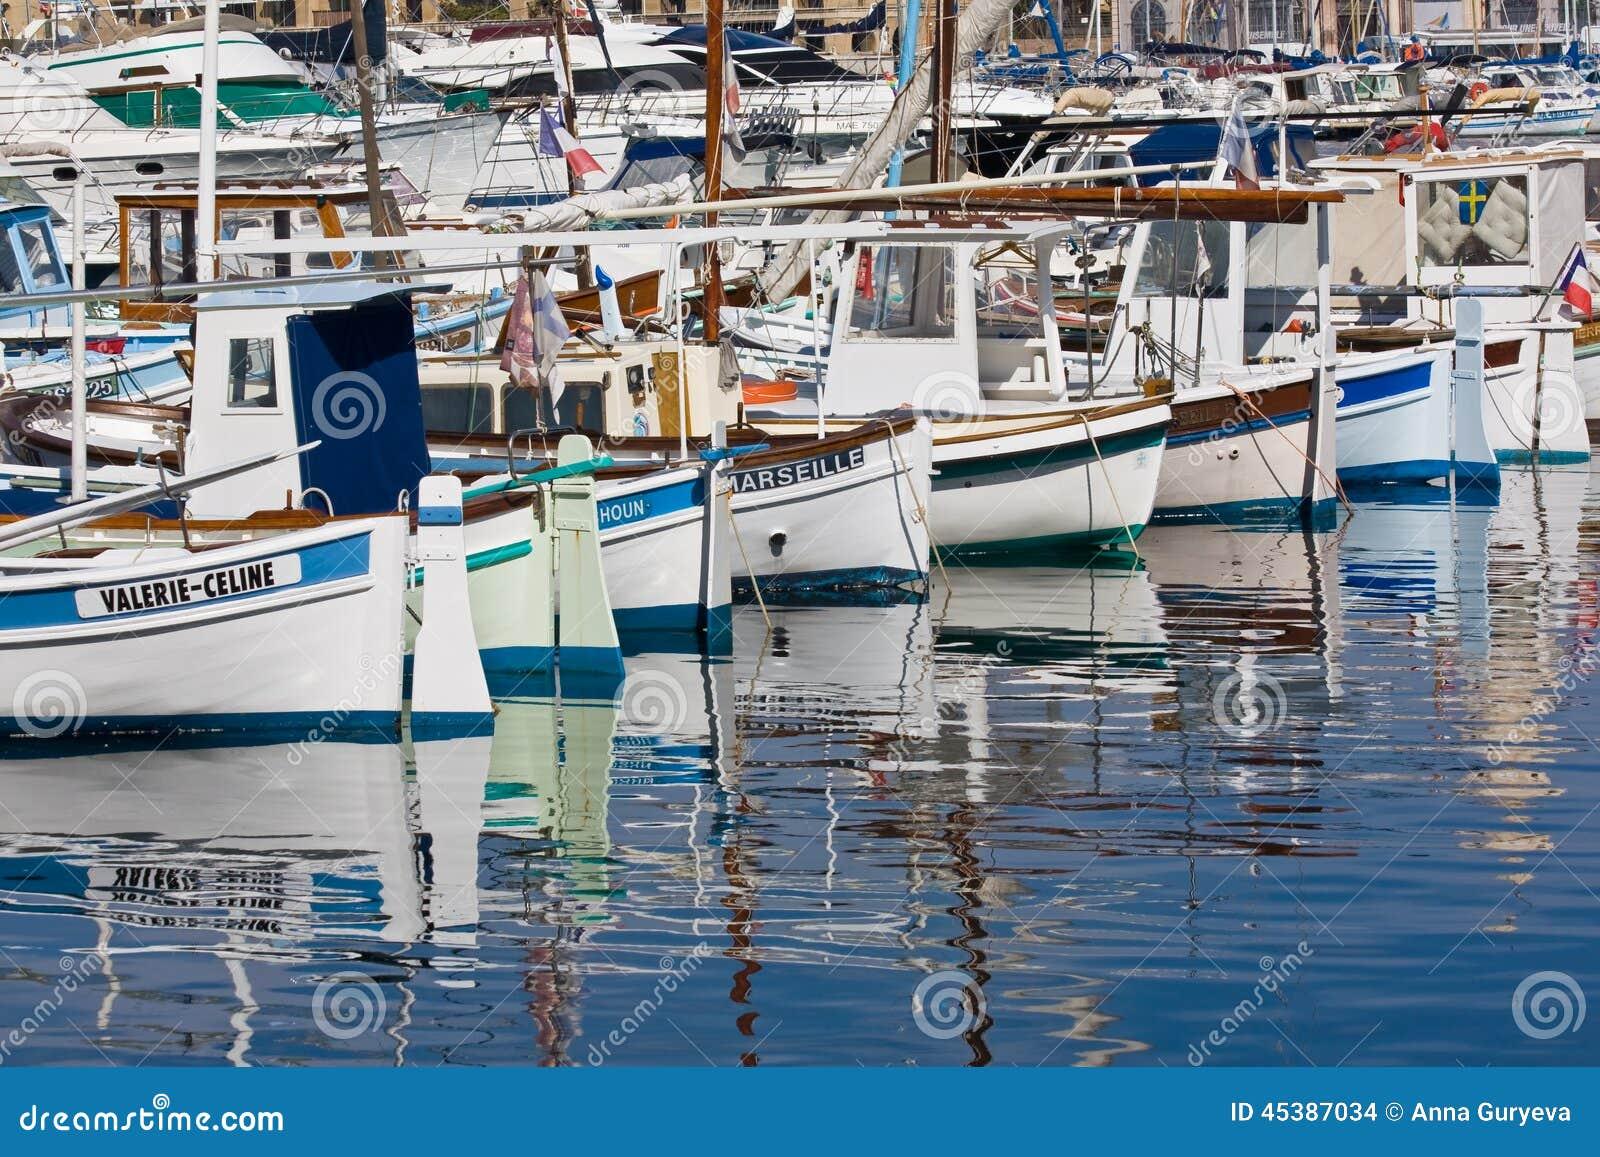 Bateaux dans le vieux port marseille image stock - Promenade bateau marseille vieux port ...